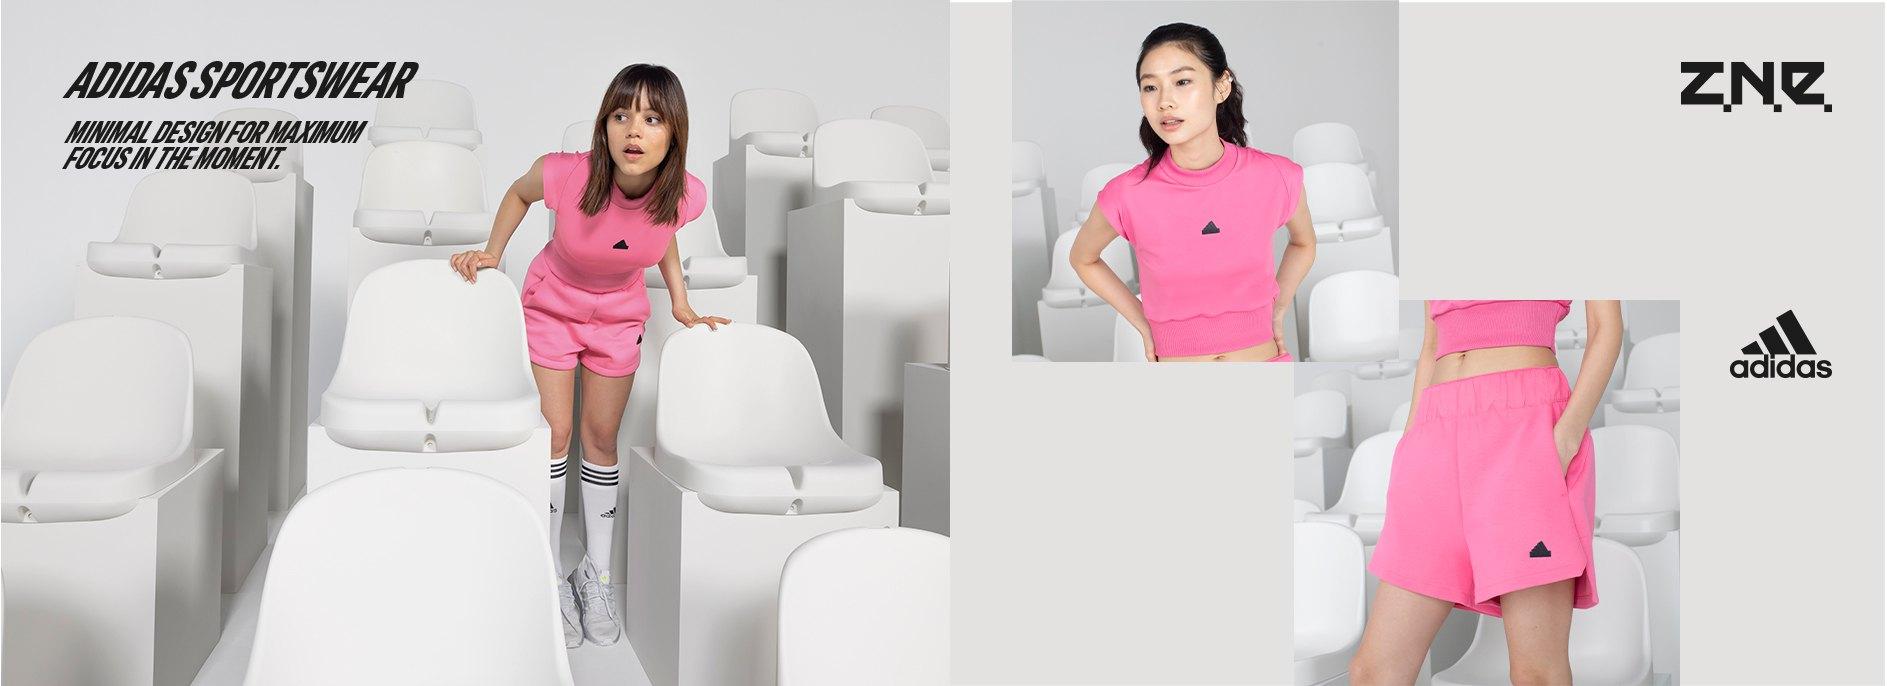 Una llar per a tots